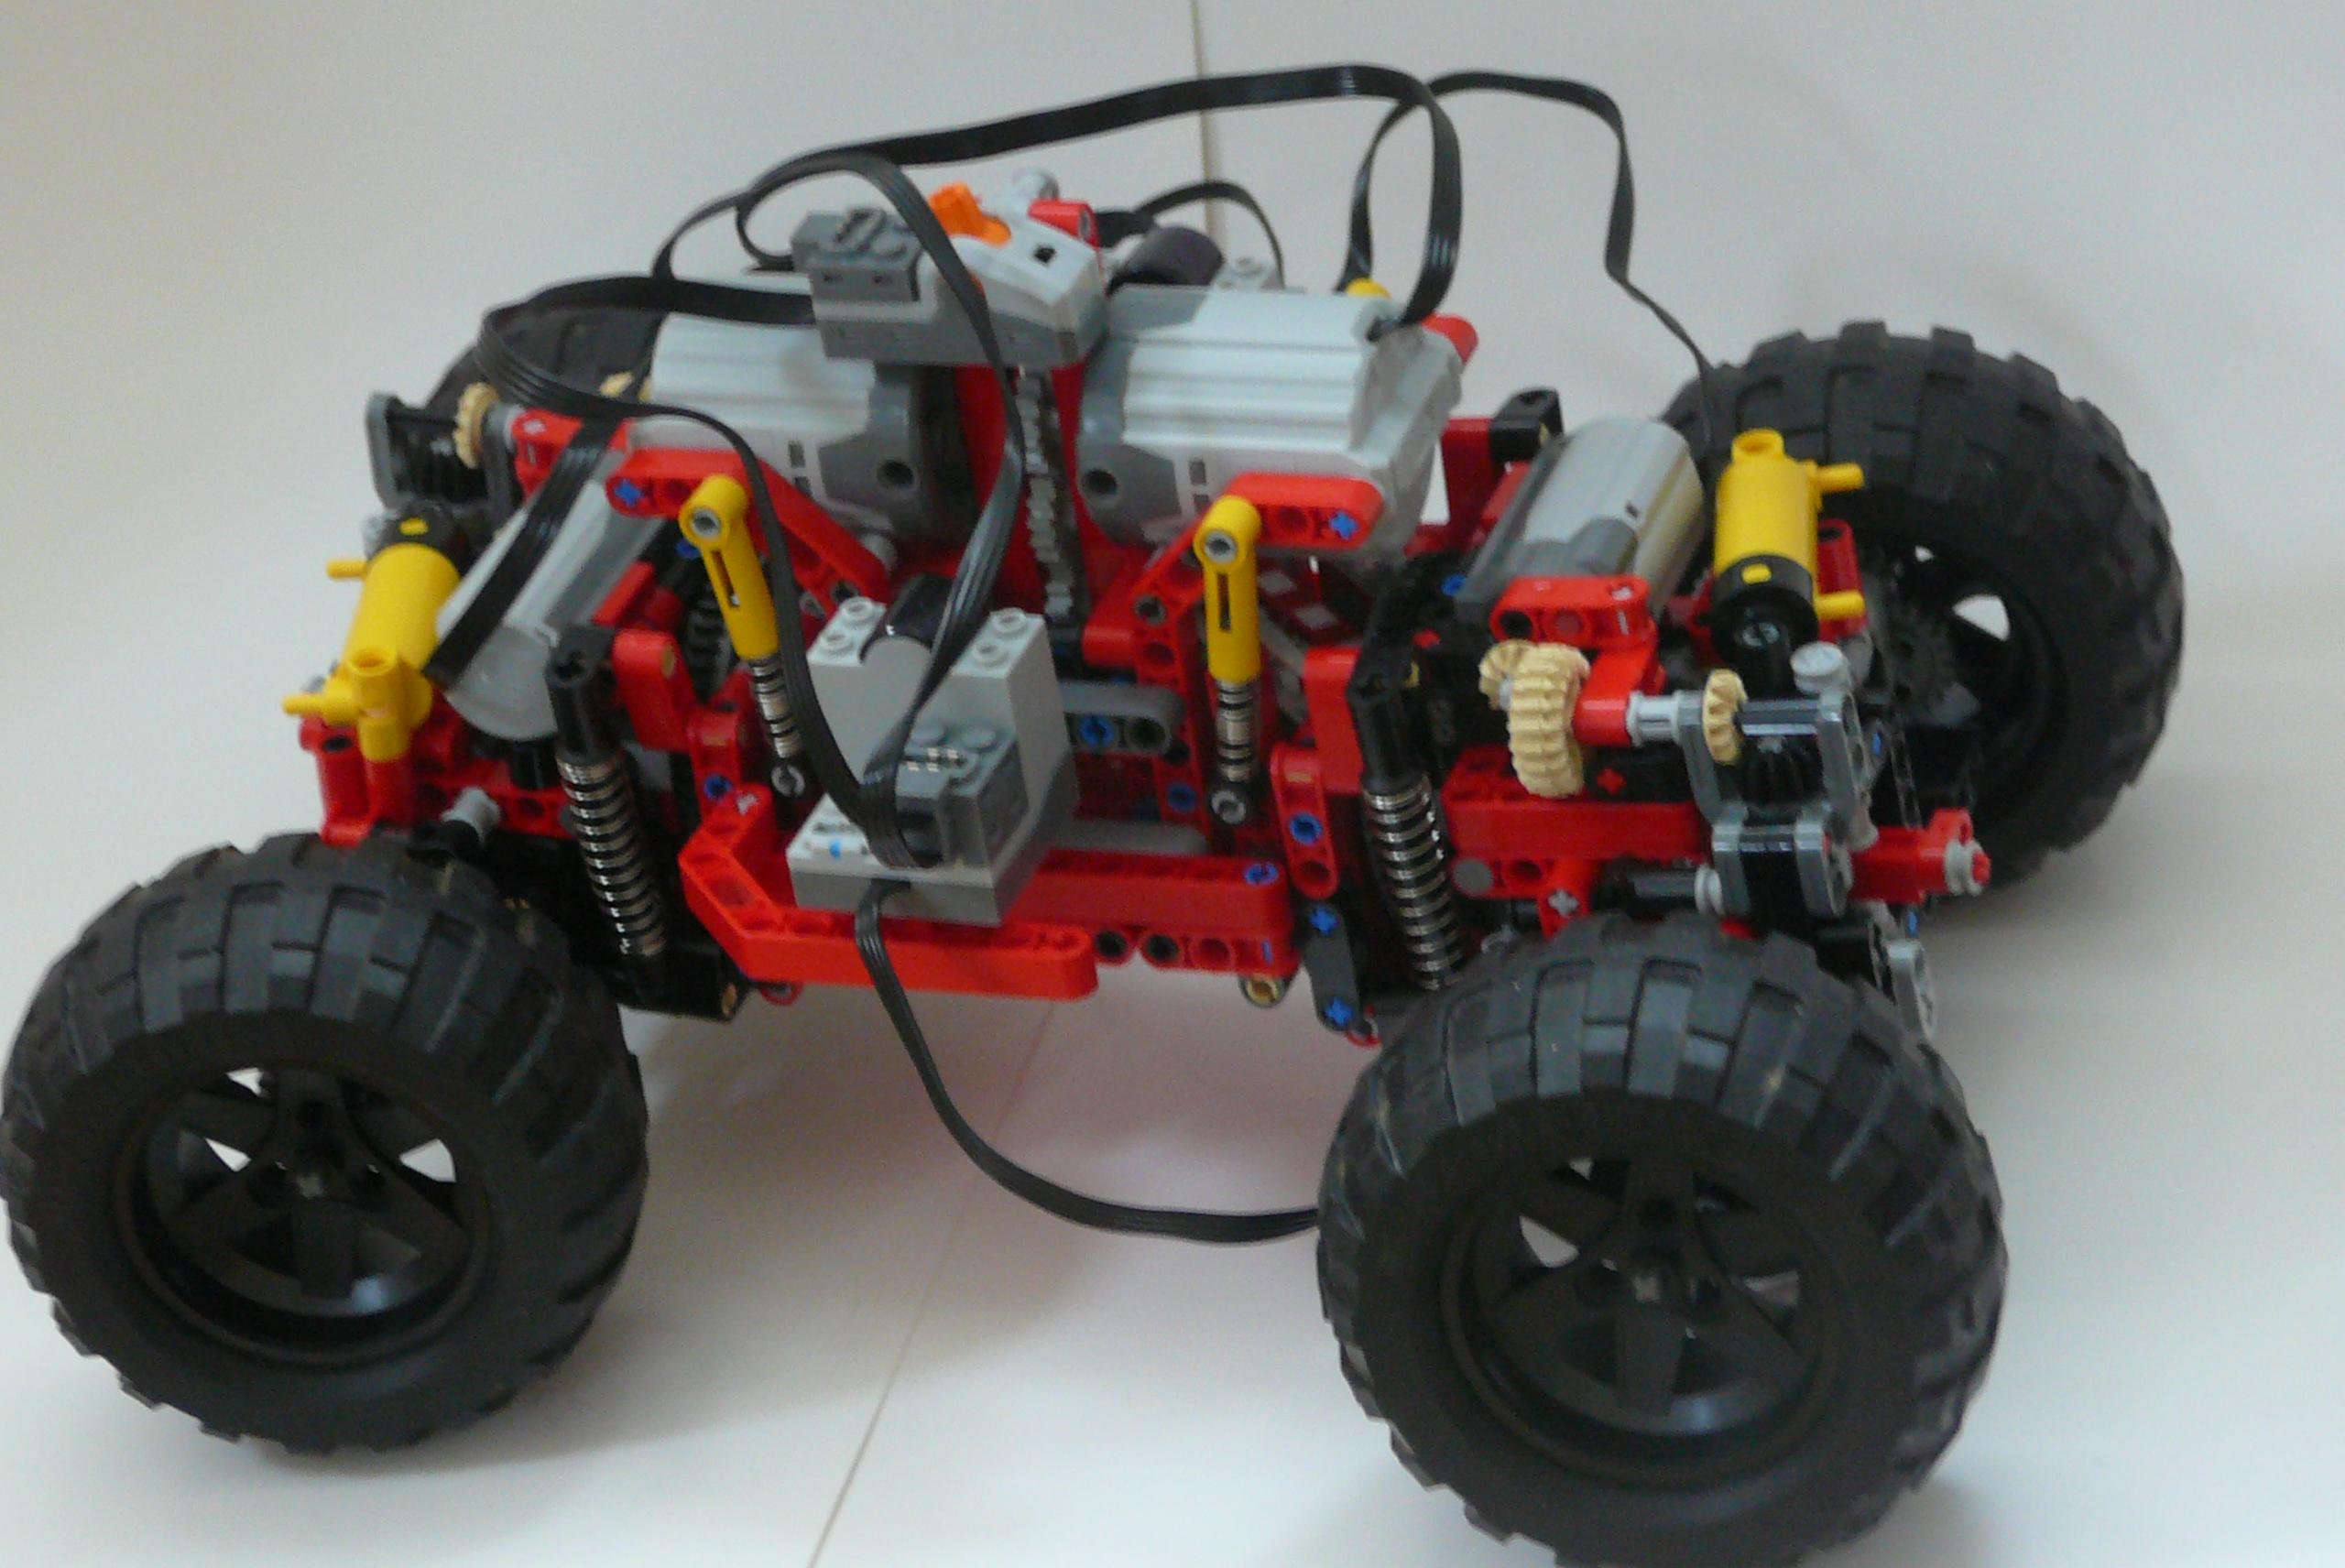 snelheid pneumatische cilinder berekenen